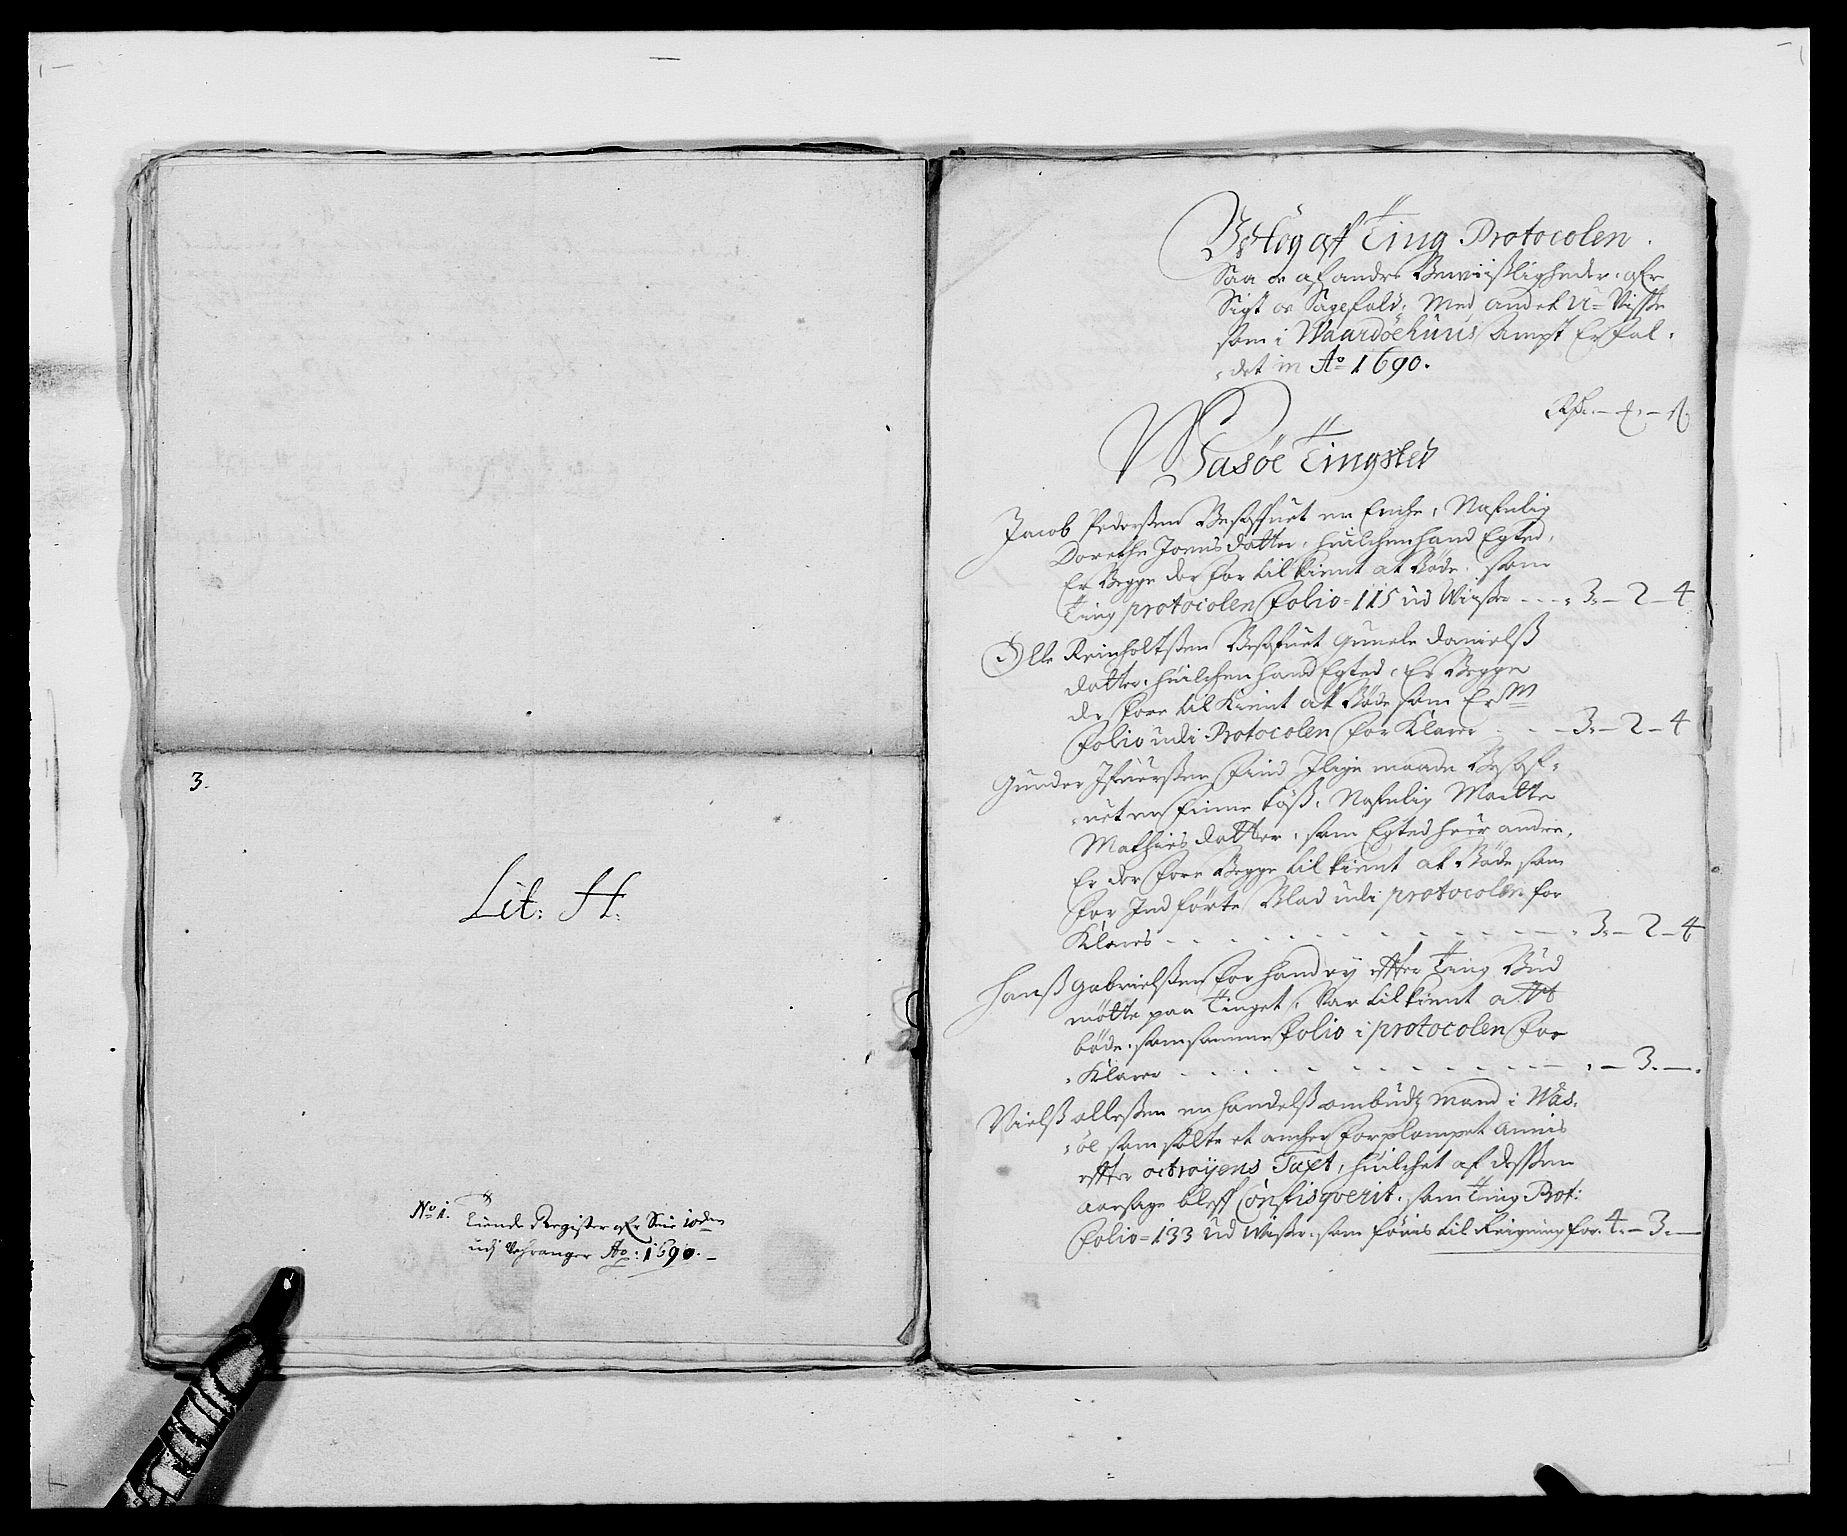 RA, Rentekammeret inntil 1814, Reviderte regnskaper, Fogderegnskap, R69/L4850: Fogderegnskap Finnmark/Vardøhus, 1680-1690, s. 287